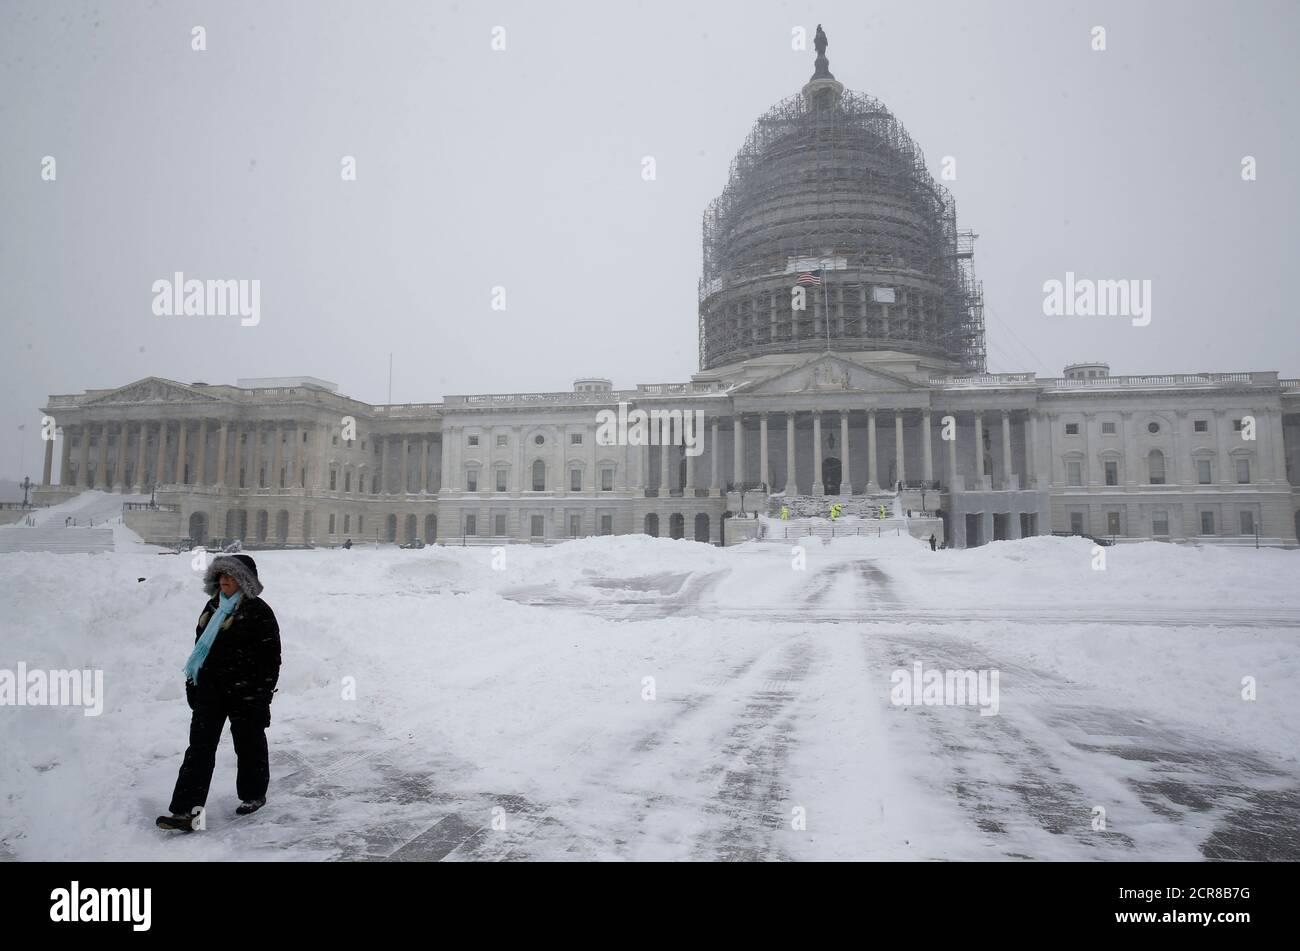 Una persona cammina sui terreni innevati del Campidoglio degli Stati Uniti a Washington il 23 gennaio 2016. La neve spessa ha coperto la zona di Washington, D.C. il sabato come un record-breaking Blizzard paralizzata strada, ferrovia e viaggio aereo sulla costa orientale degli Stati Uniti dal North Carolina a New York. REUTERS/Jonathan Ernst Foto Stock